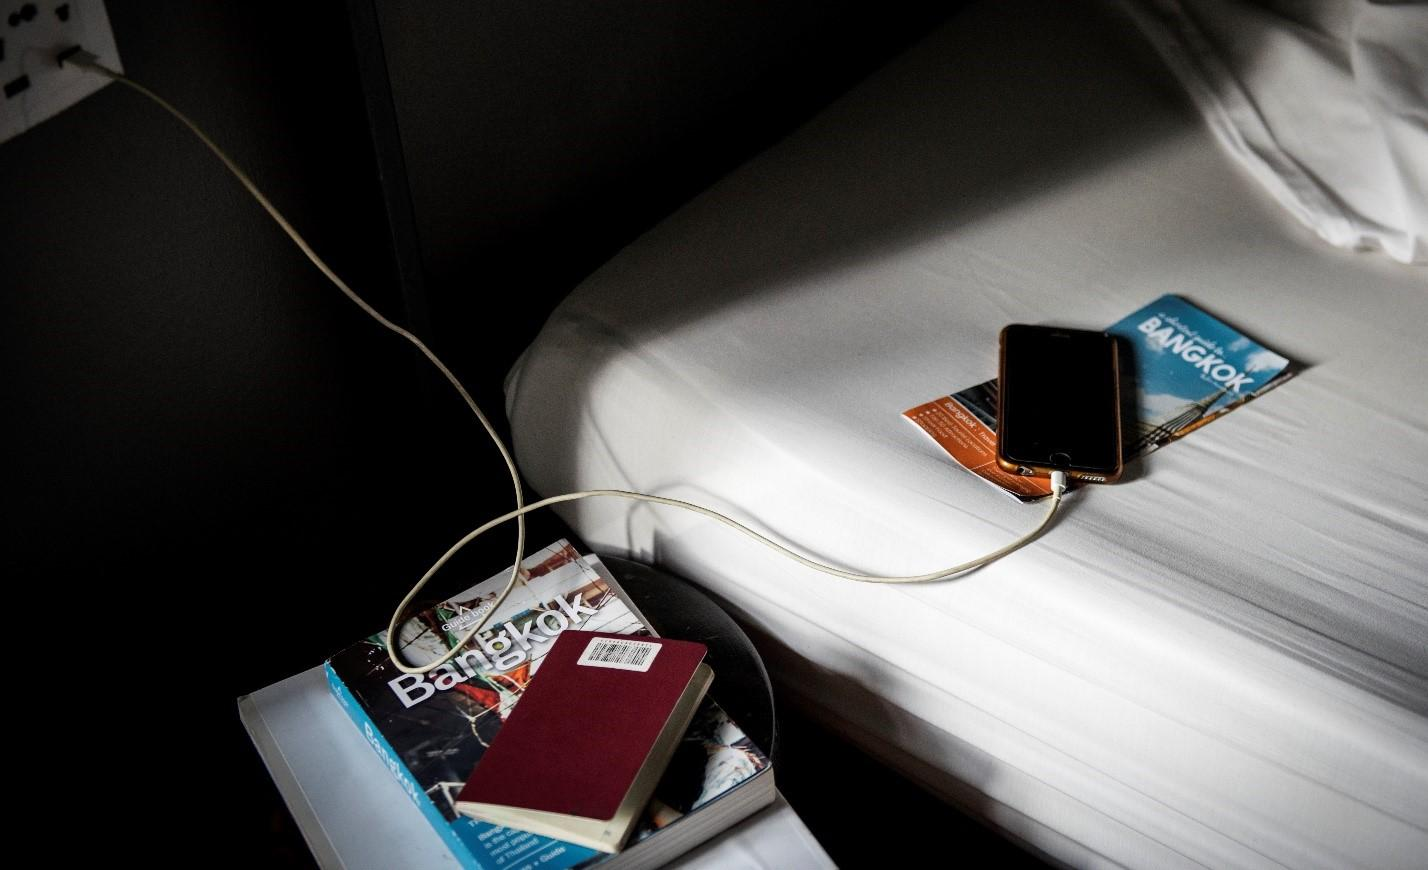 Опасность использования телефона во время зарядки